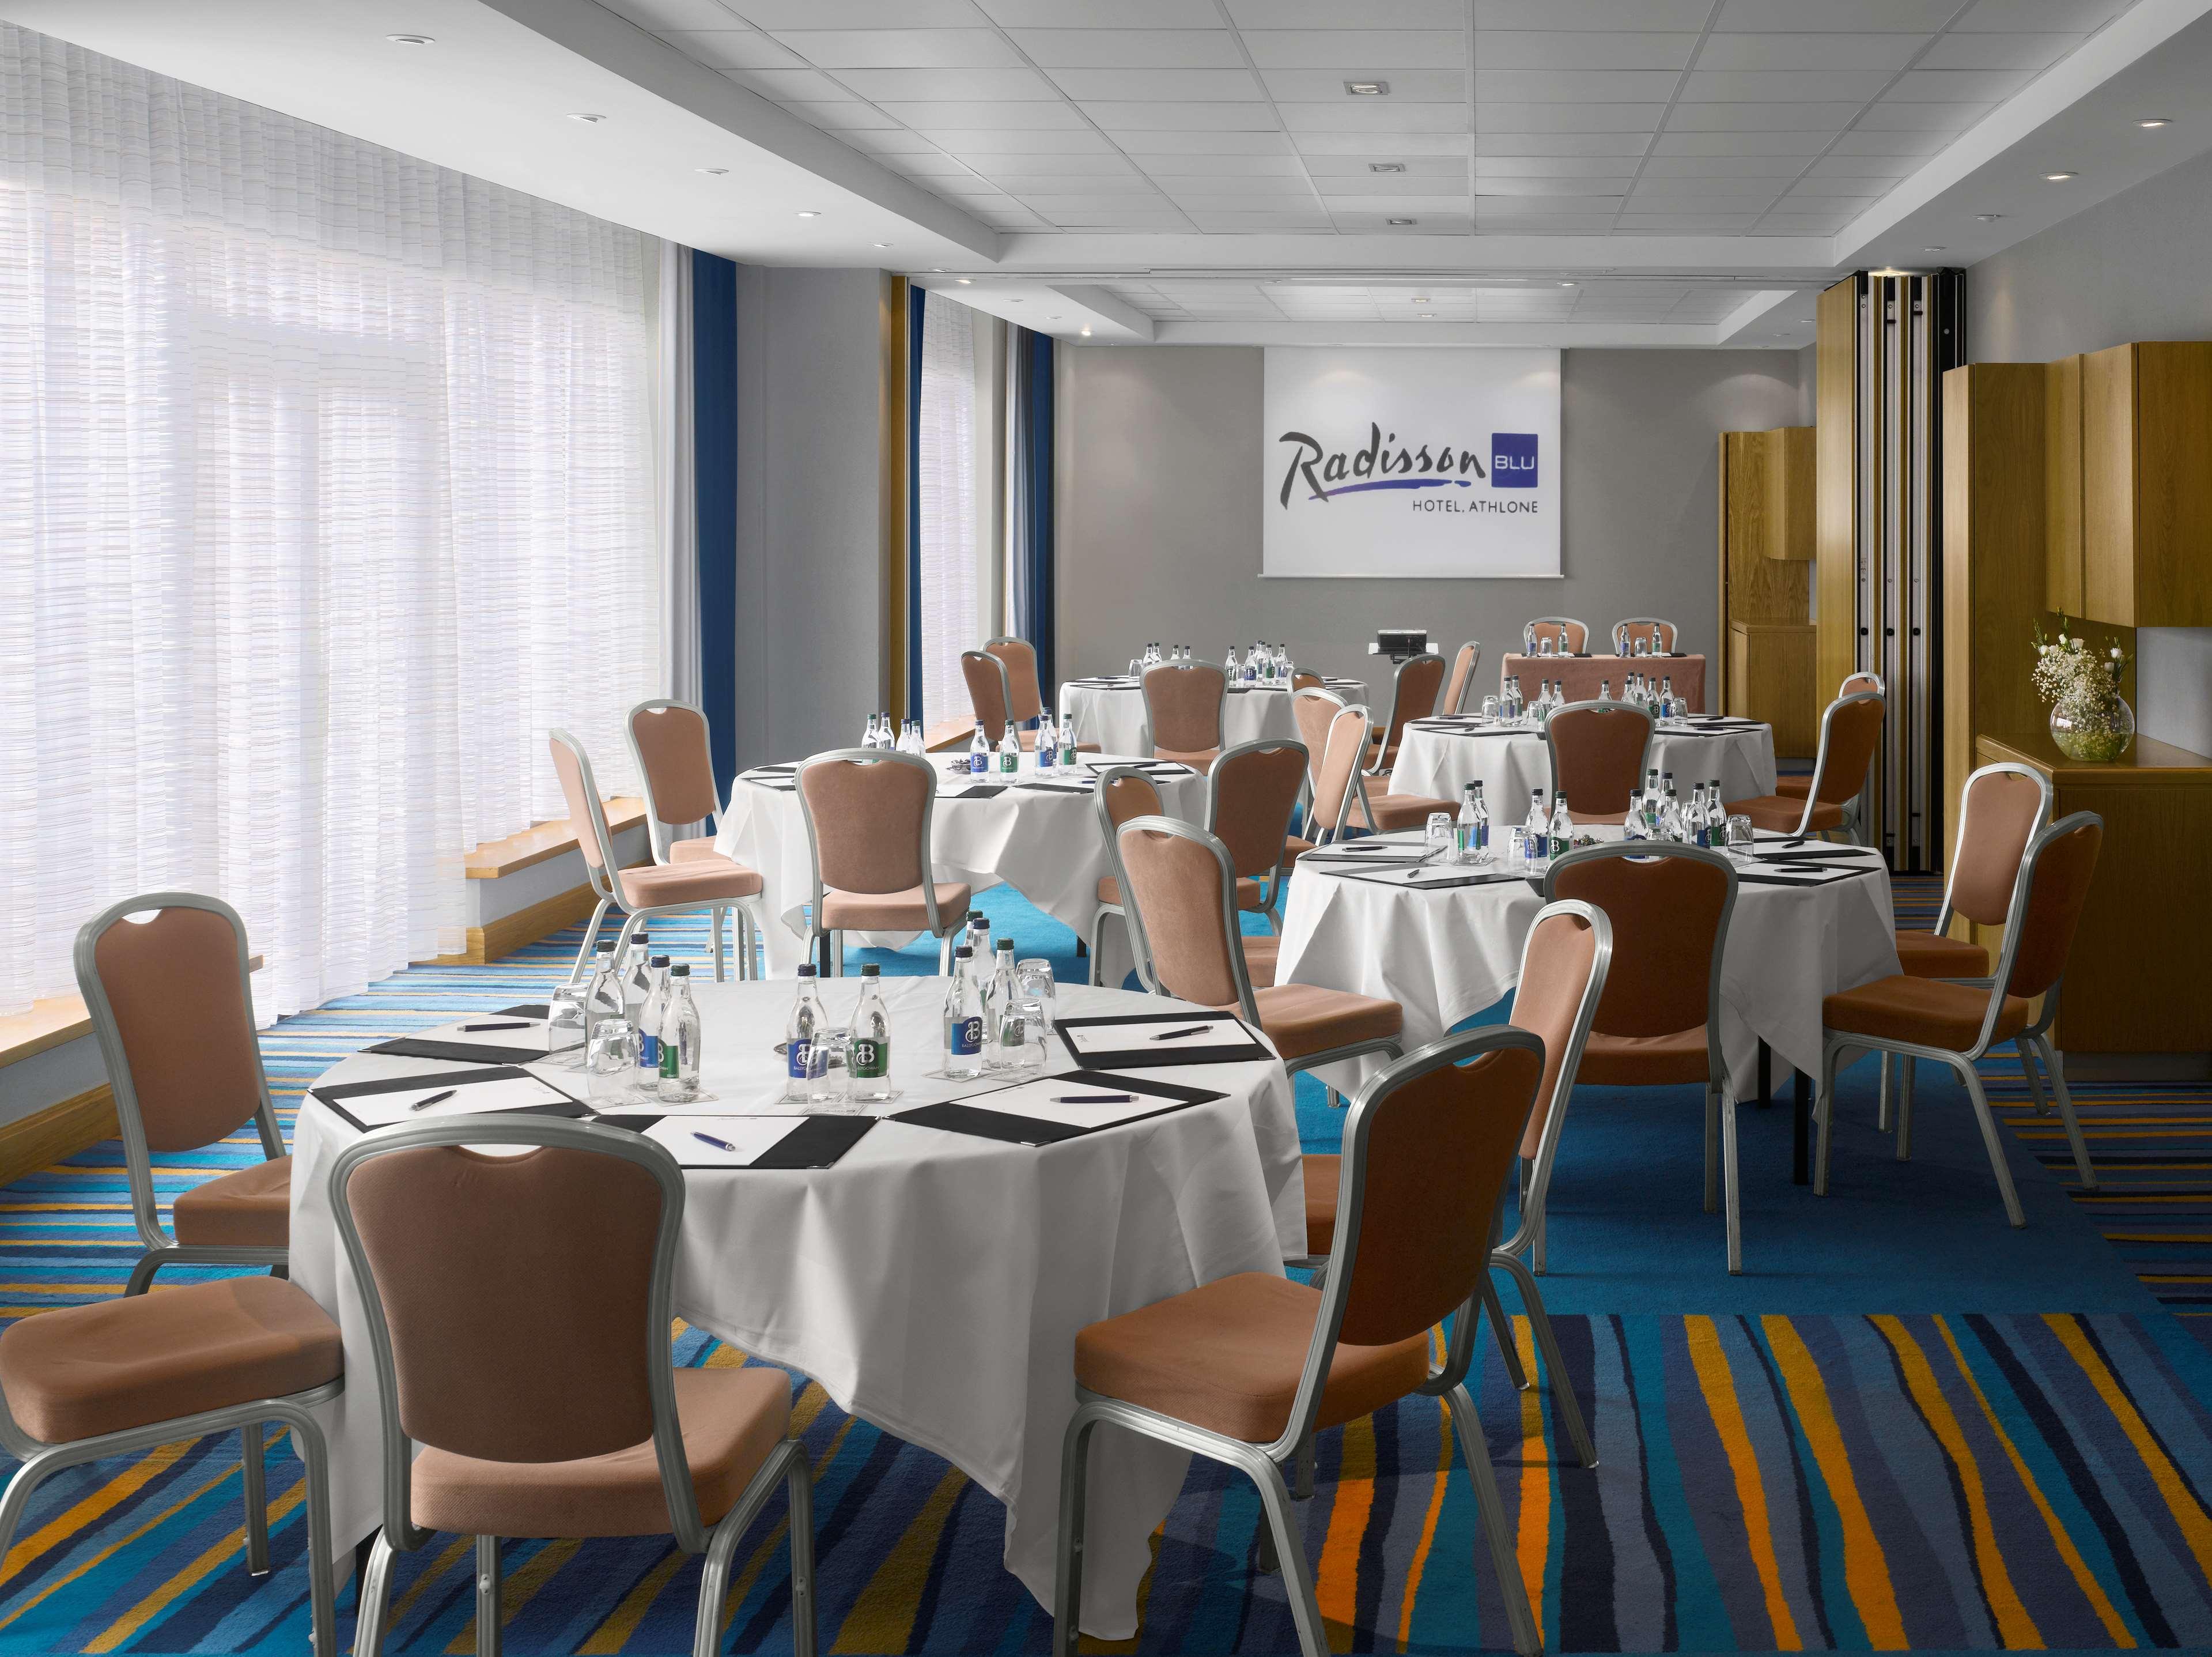 Radisson Blu Hotel, Athlone 12